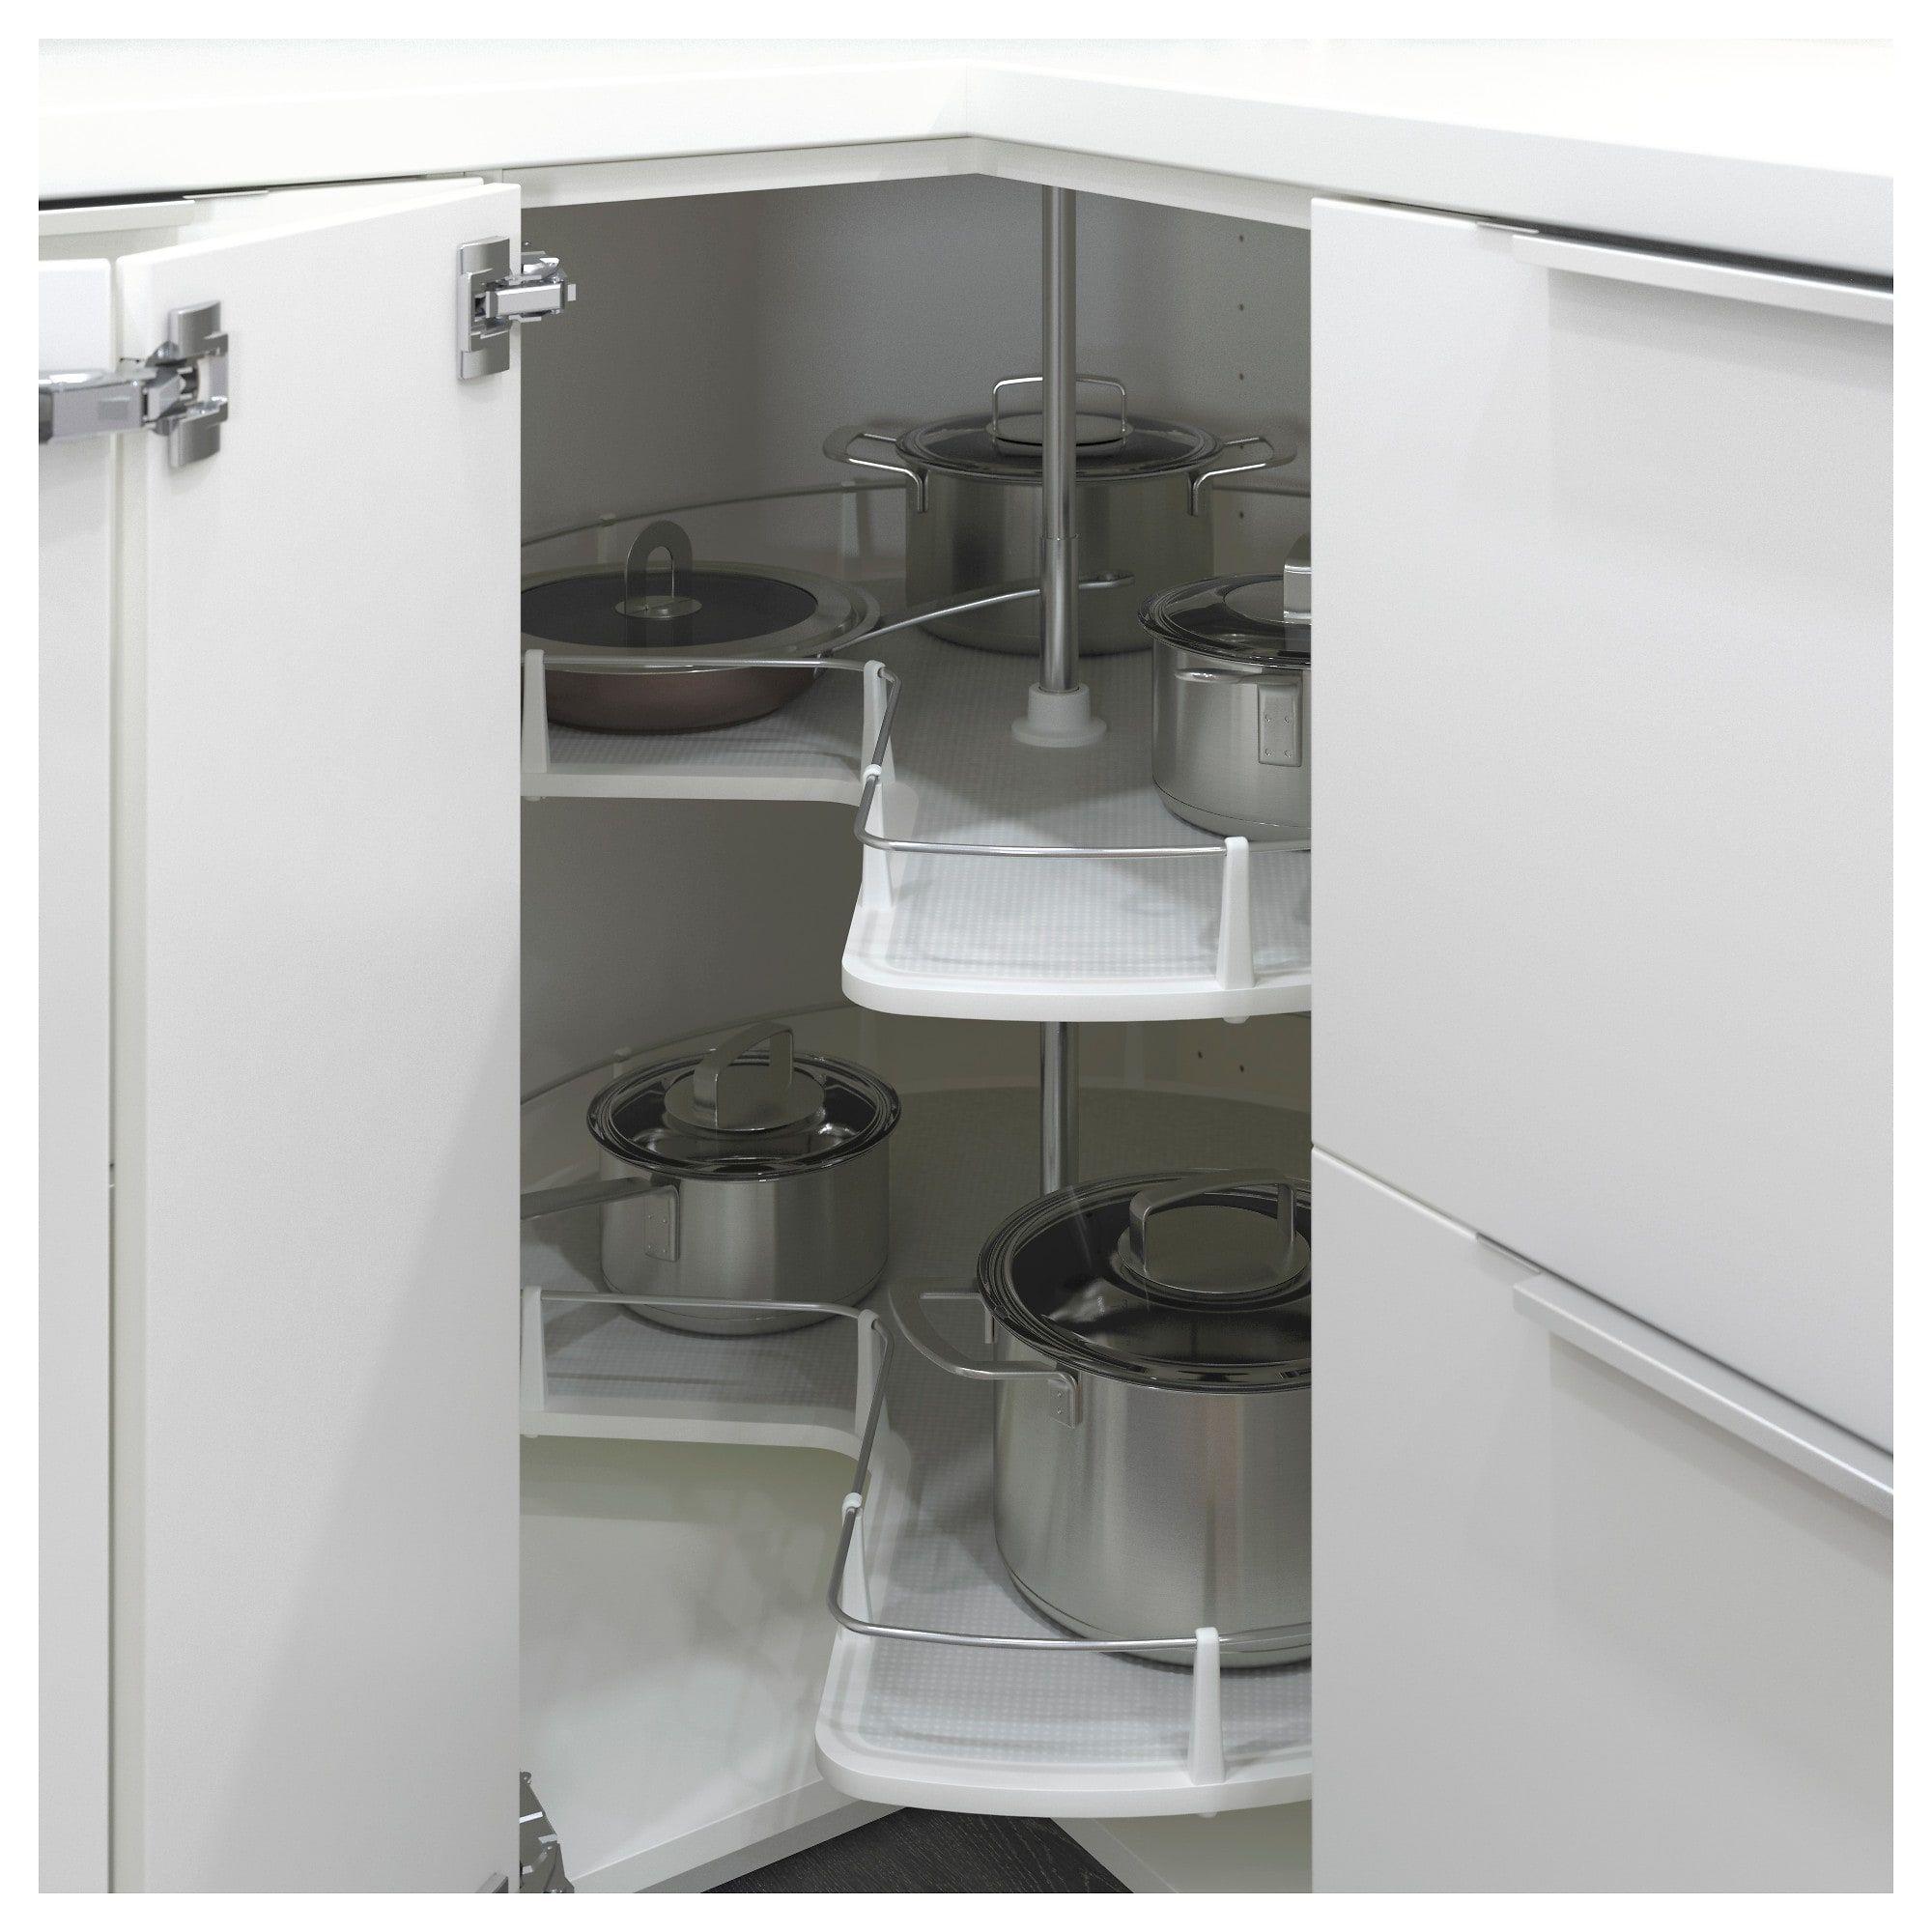 Cucina Piccola Angolare Ikea pin su cucina